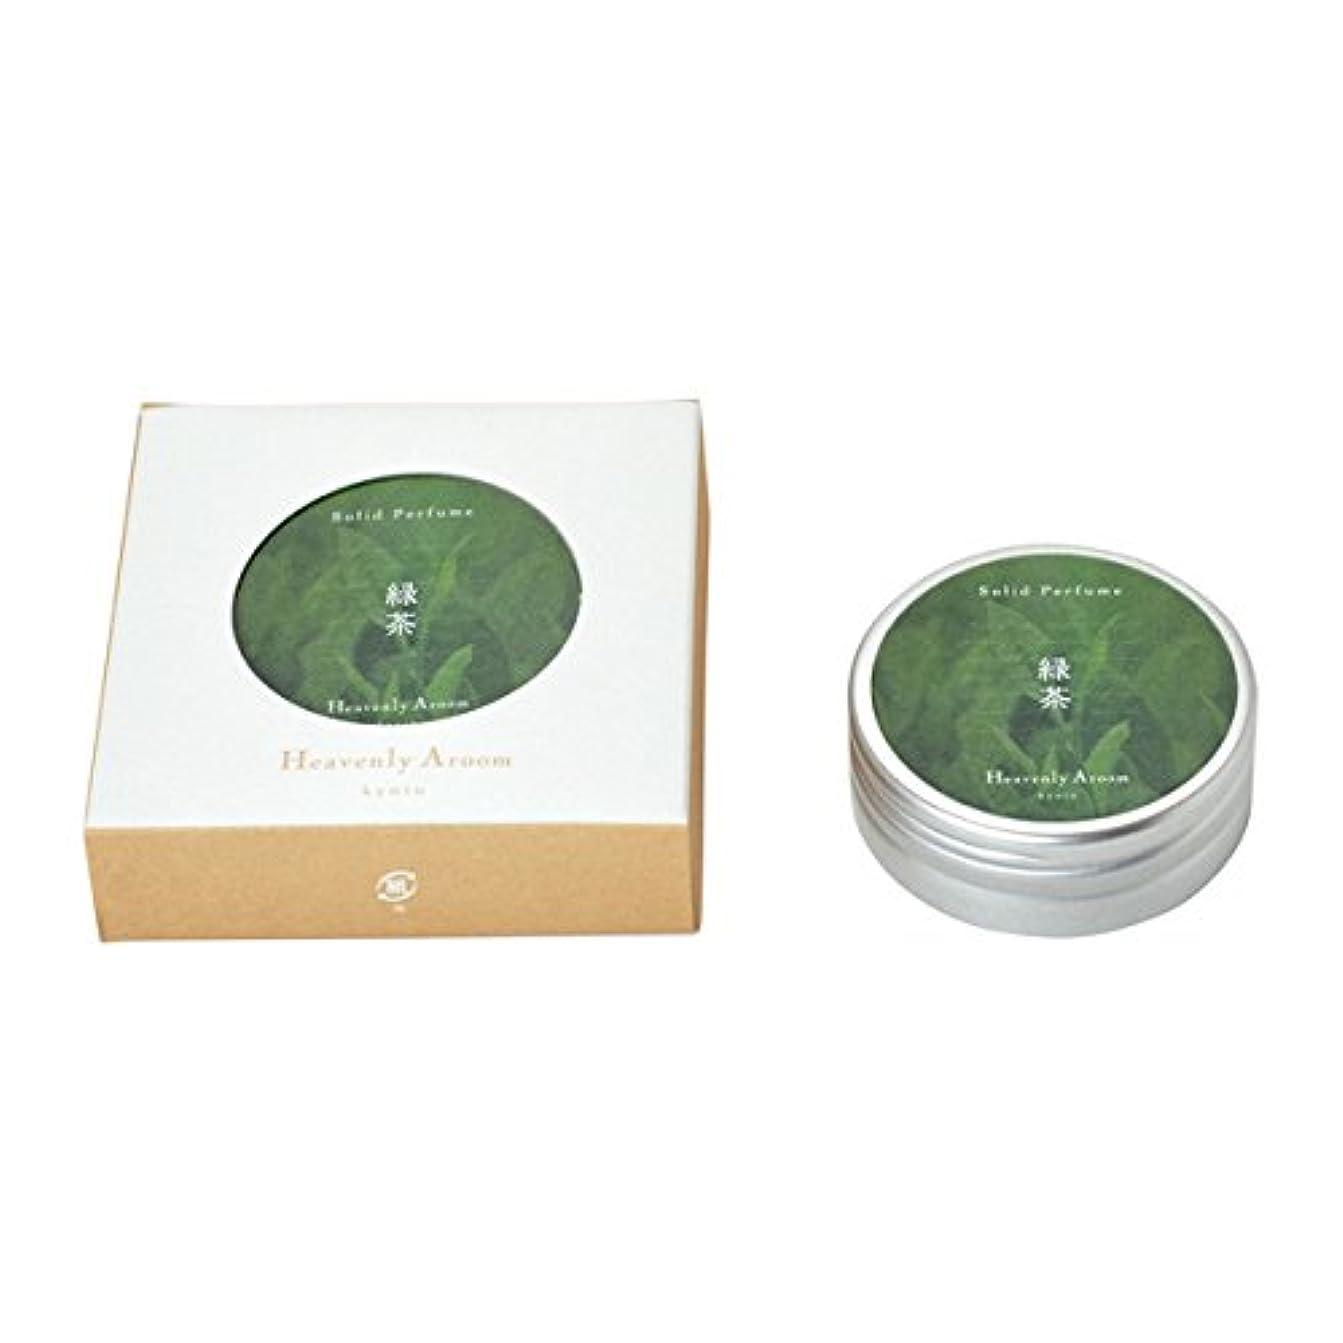 ドナー集中振る舞うHeavenly Aroom ソリッドパフューム 緑茶 15g